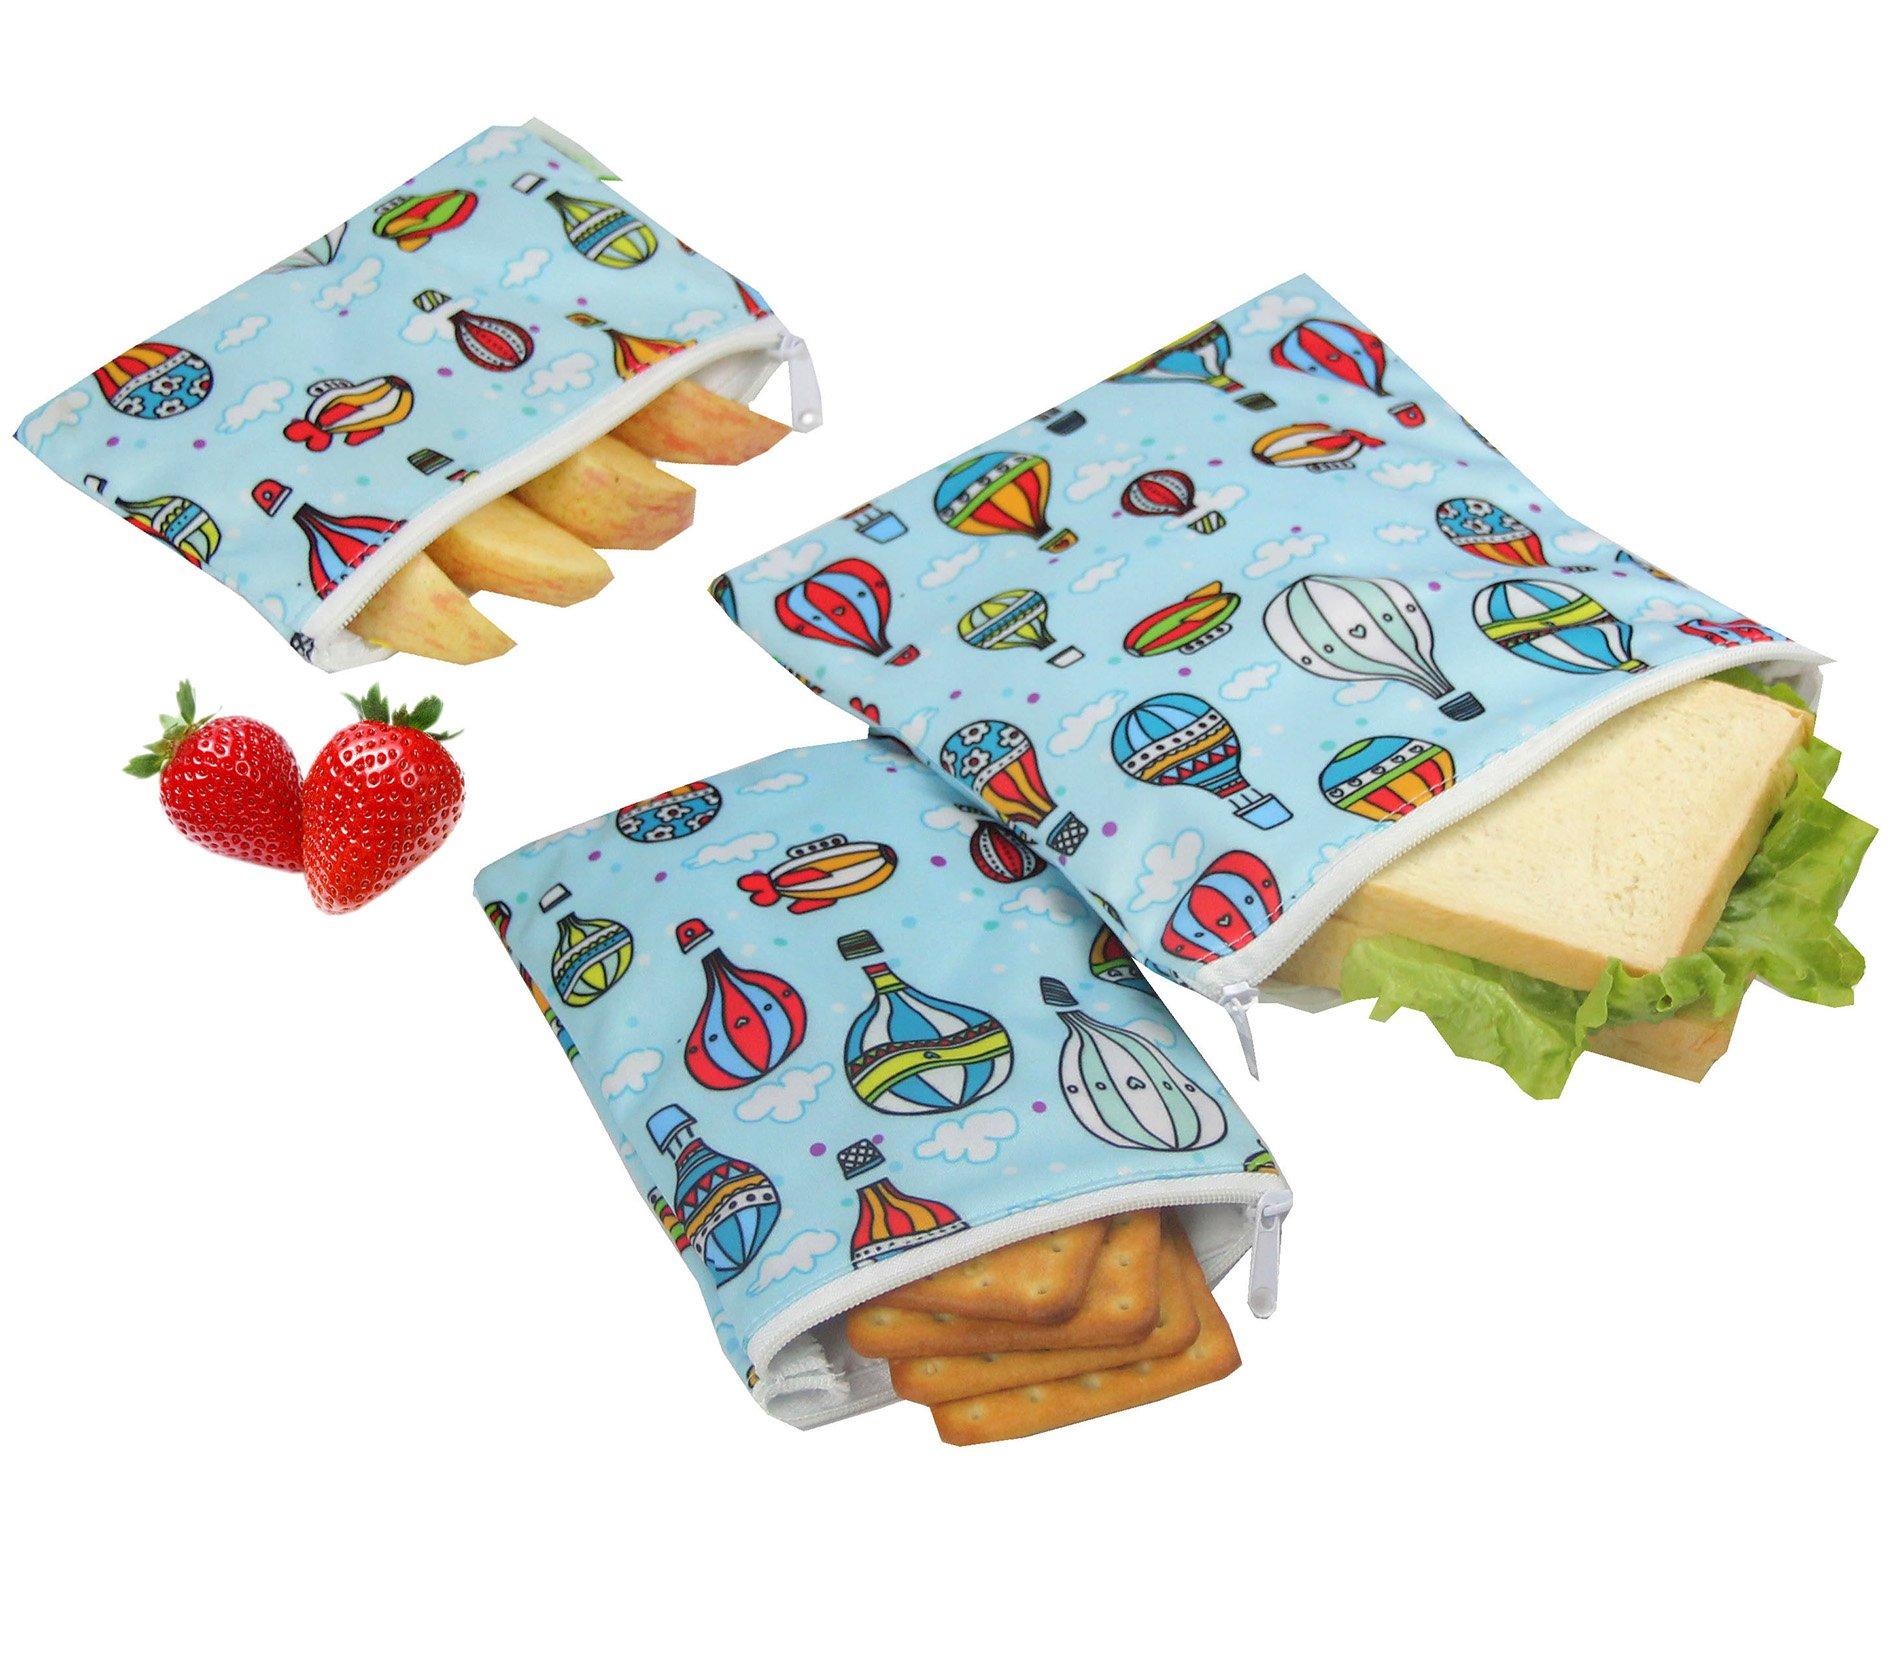 Wegreeco Reusable Snack Bags, (Set of 3) - Balloon